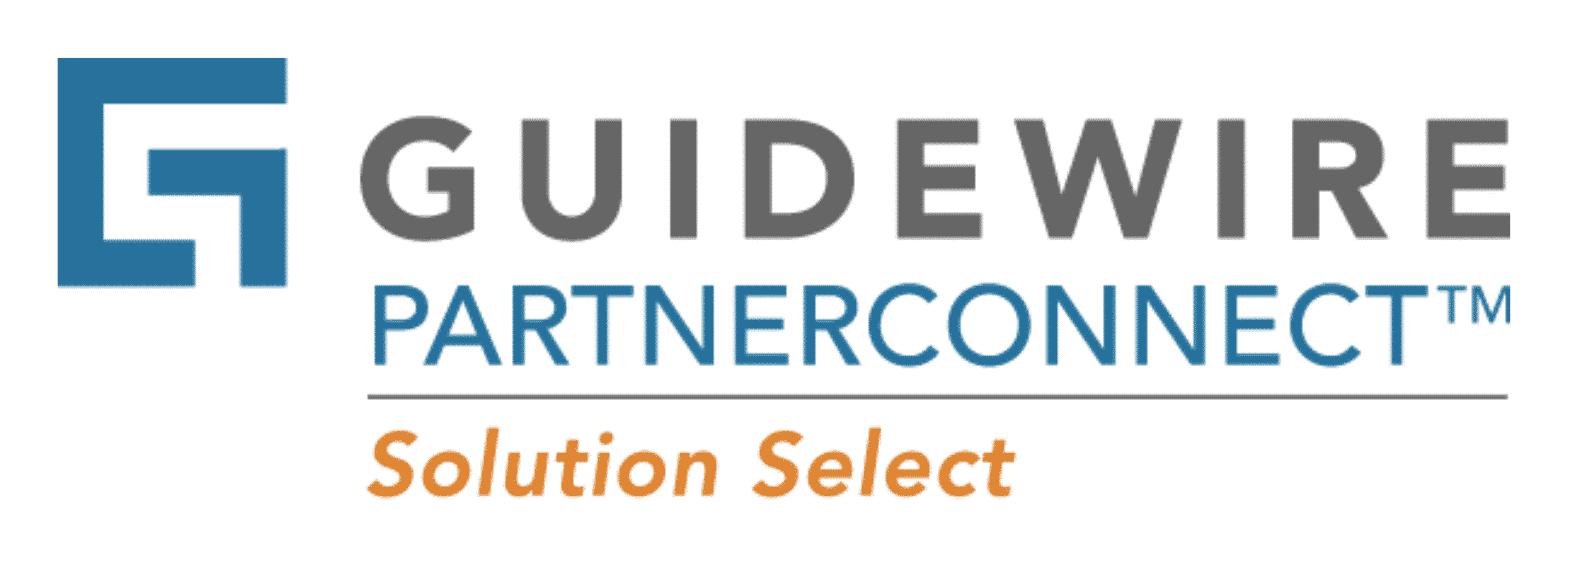 gudewire-logo